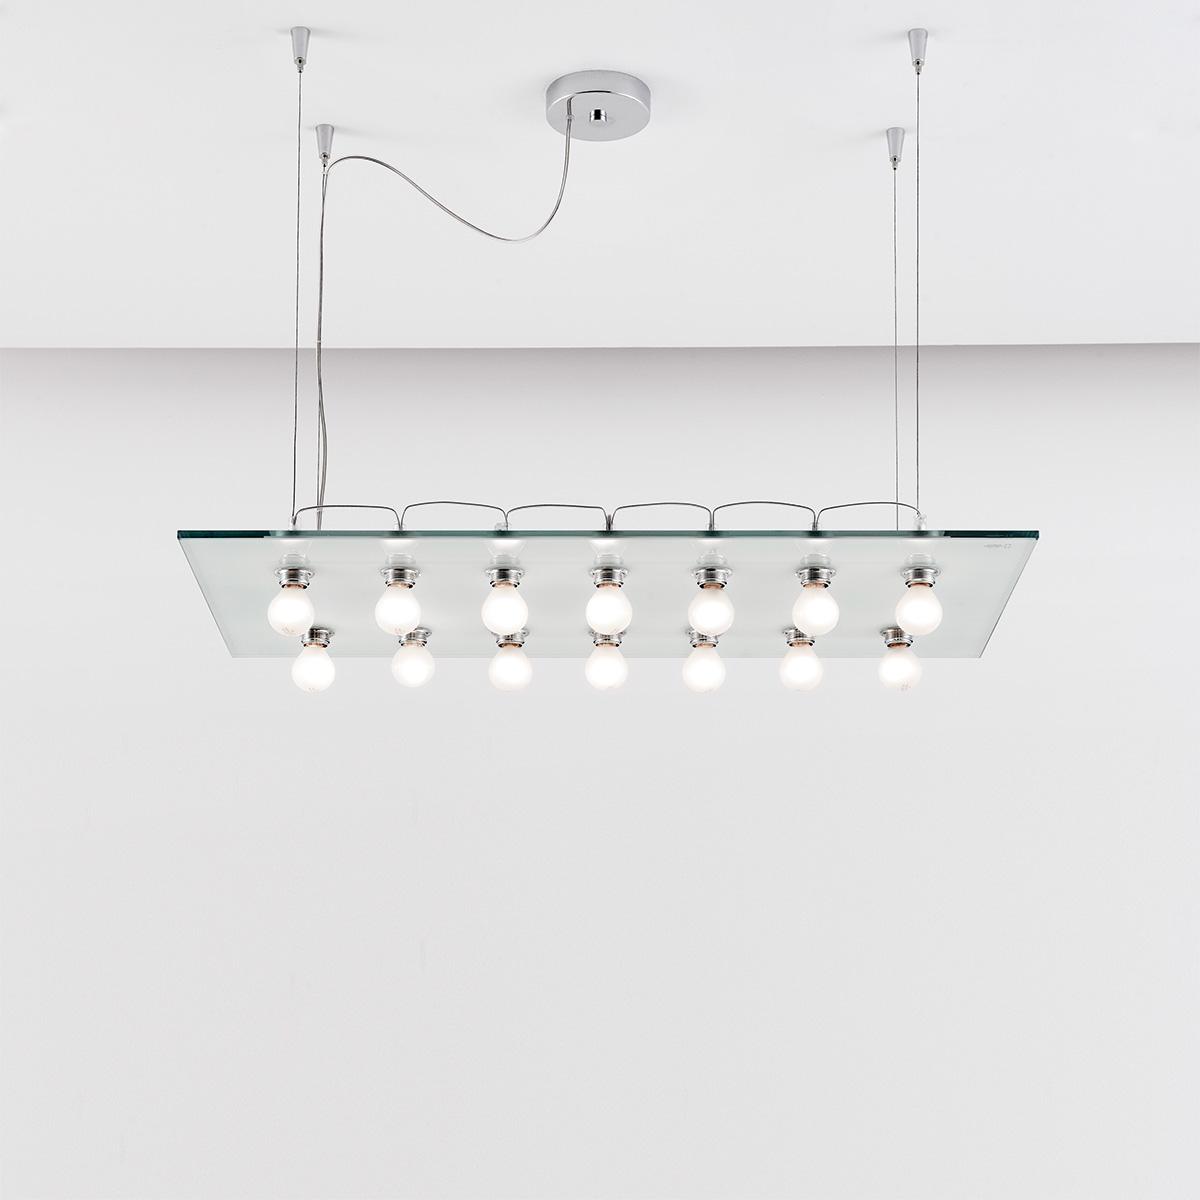 Μοντέρνο 14φωτο φωτιστικό VETRO modern 14-bulb chandelier